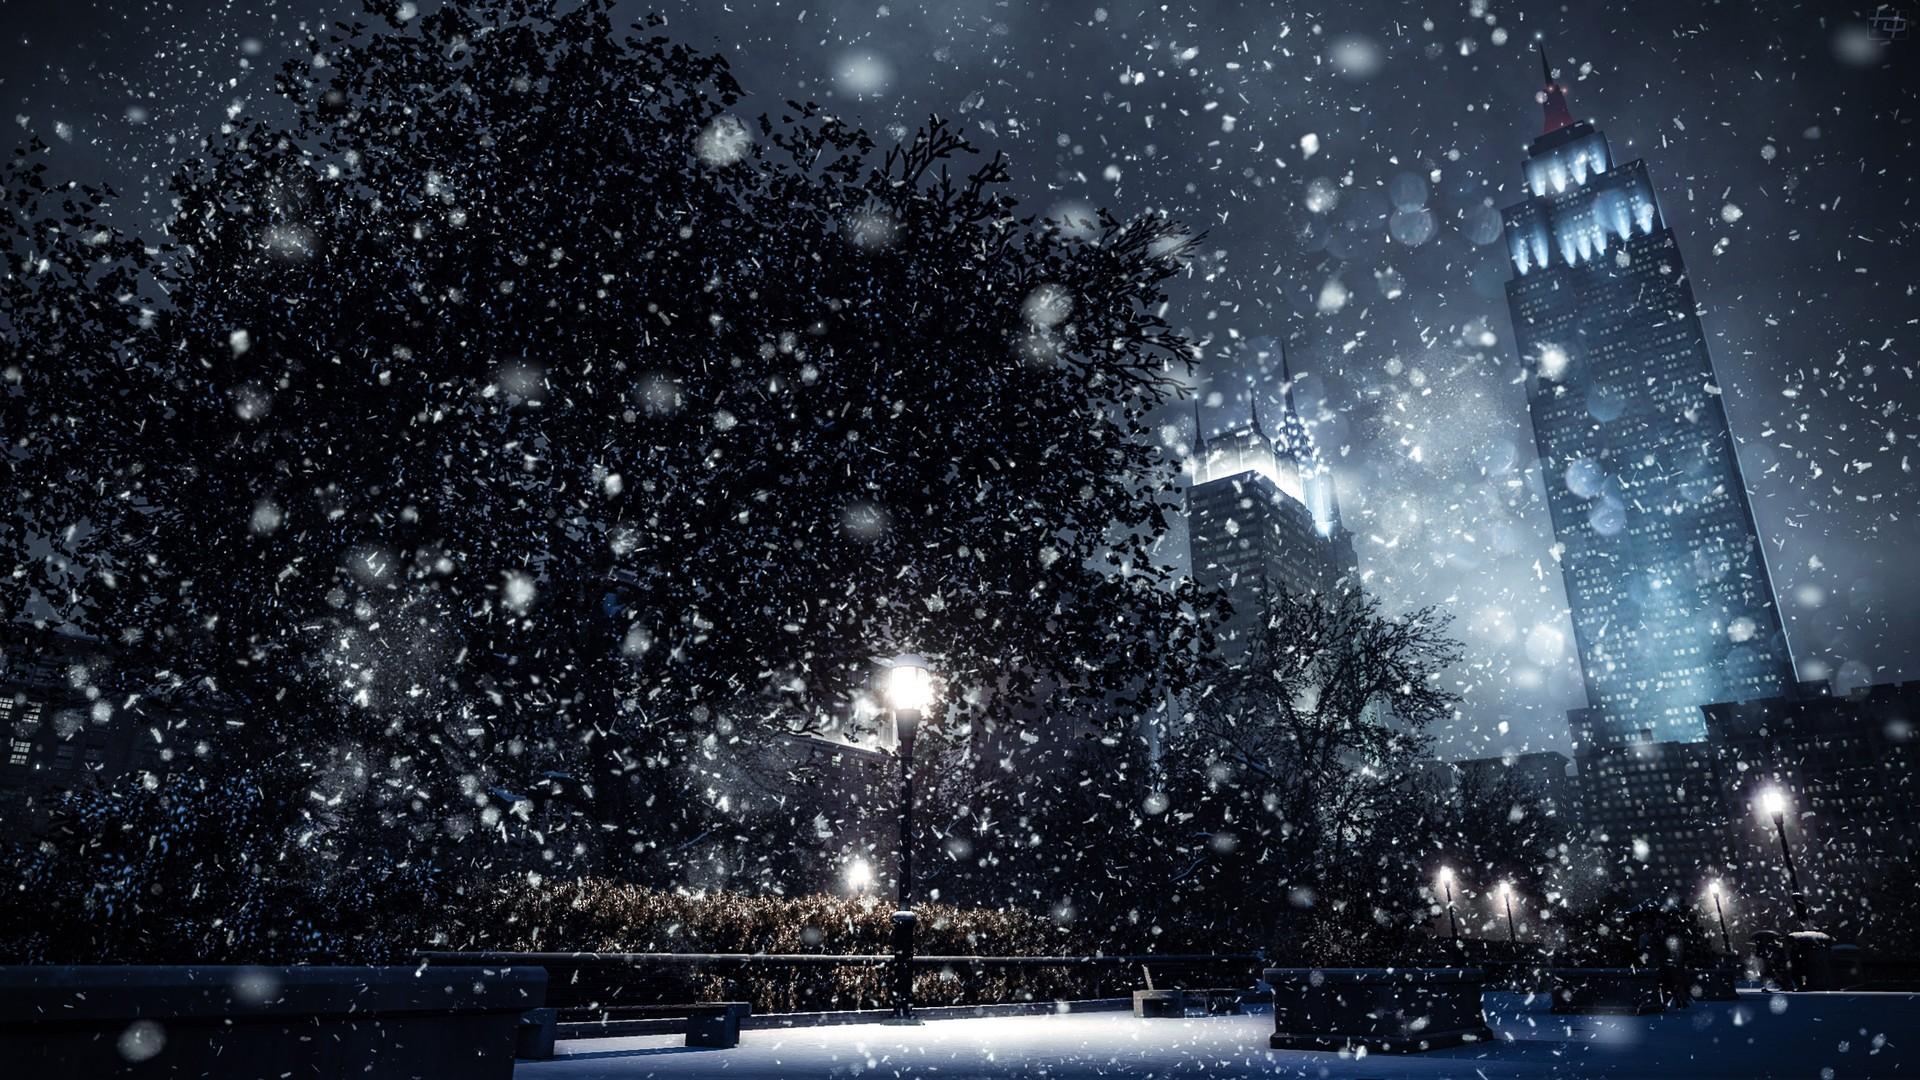 совсем картинки на рабочий стол с падающим снегом оформить зал